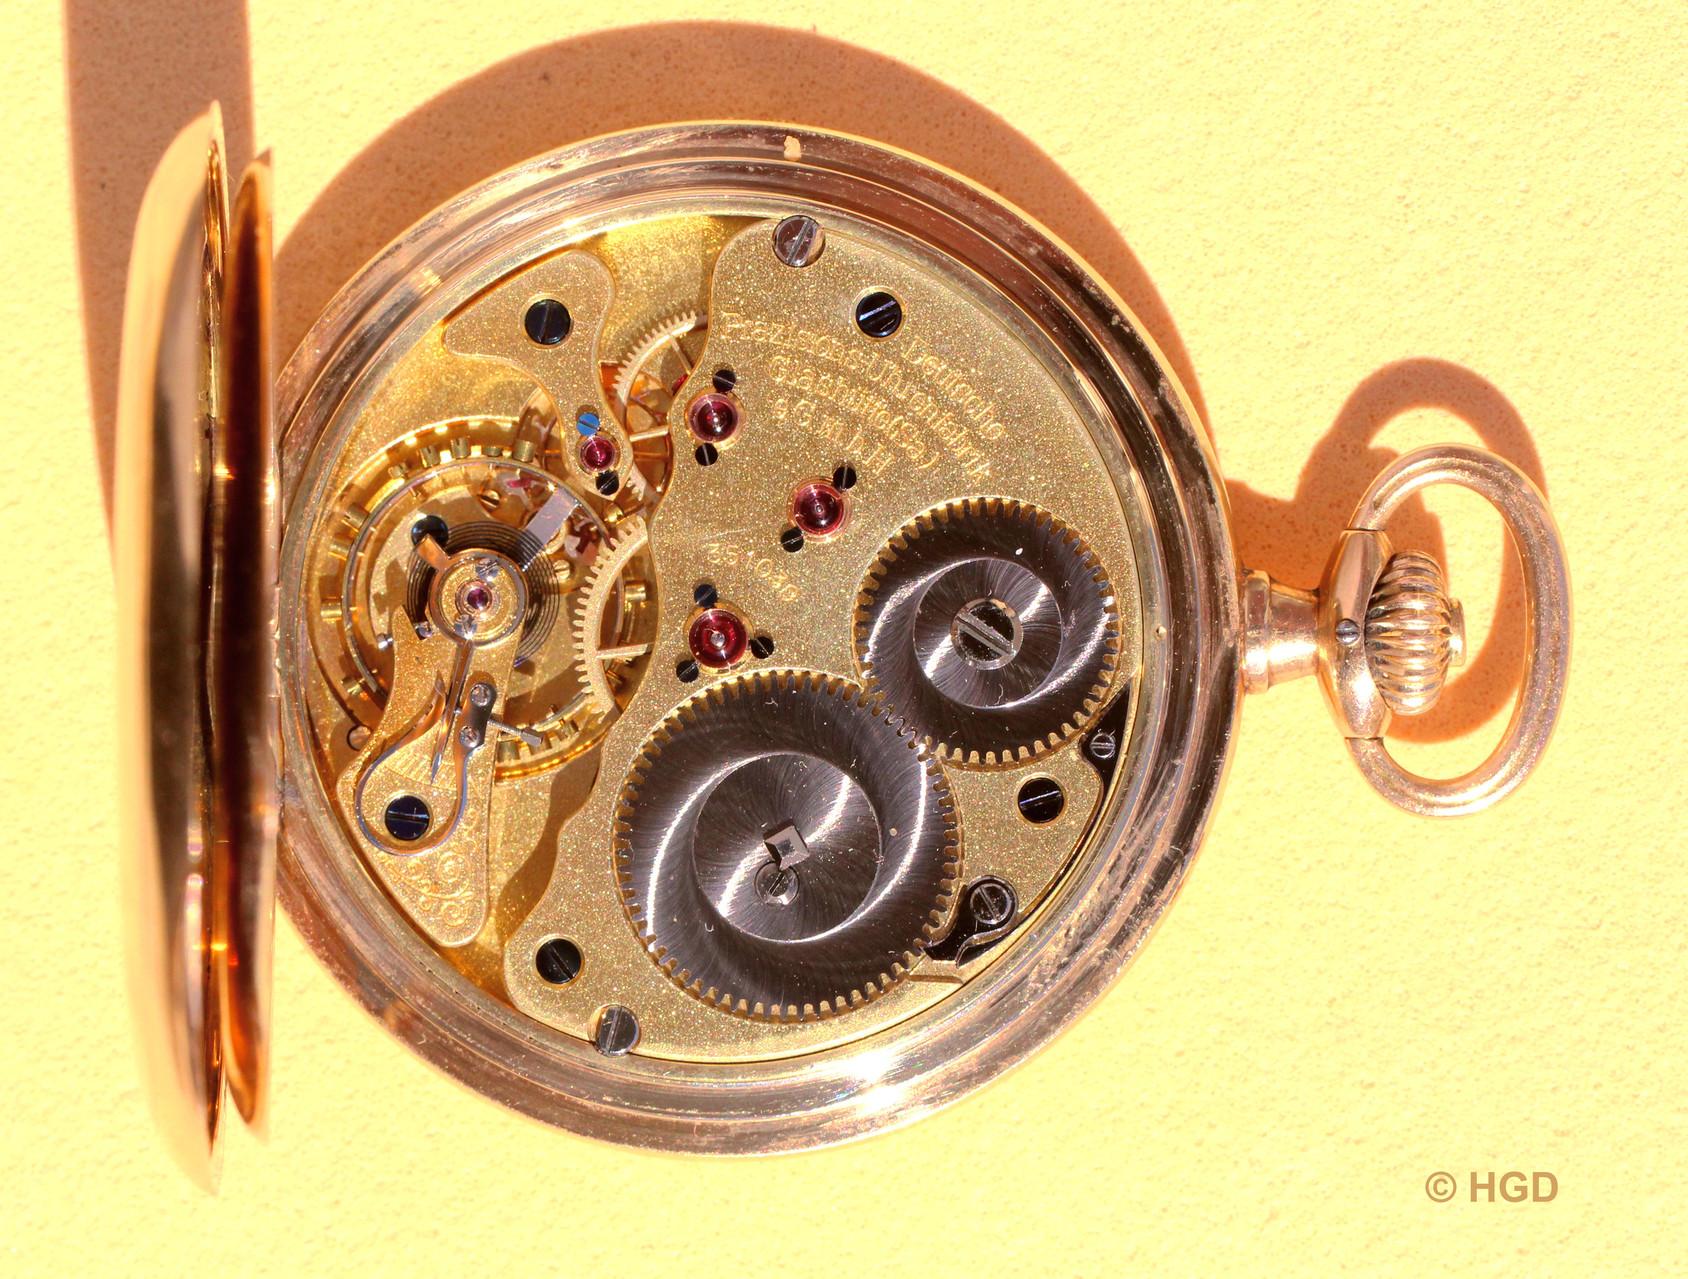 16-steiniges körnig vergoldetes Glashütter Präzisionsuhrwerk mit  2/3 Platine, separatem Gangradkloben und Glashütter Sonnenschliff auf Kron- und Sperrrad